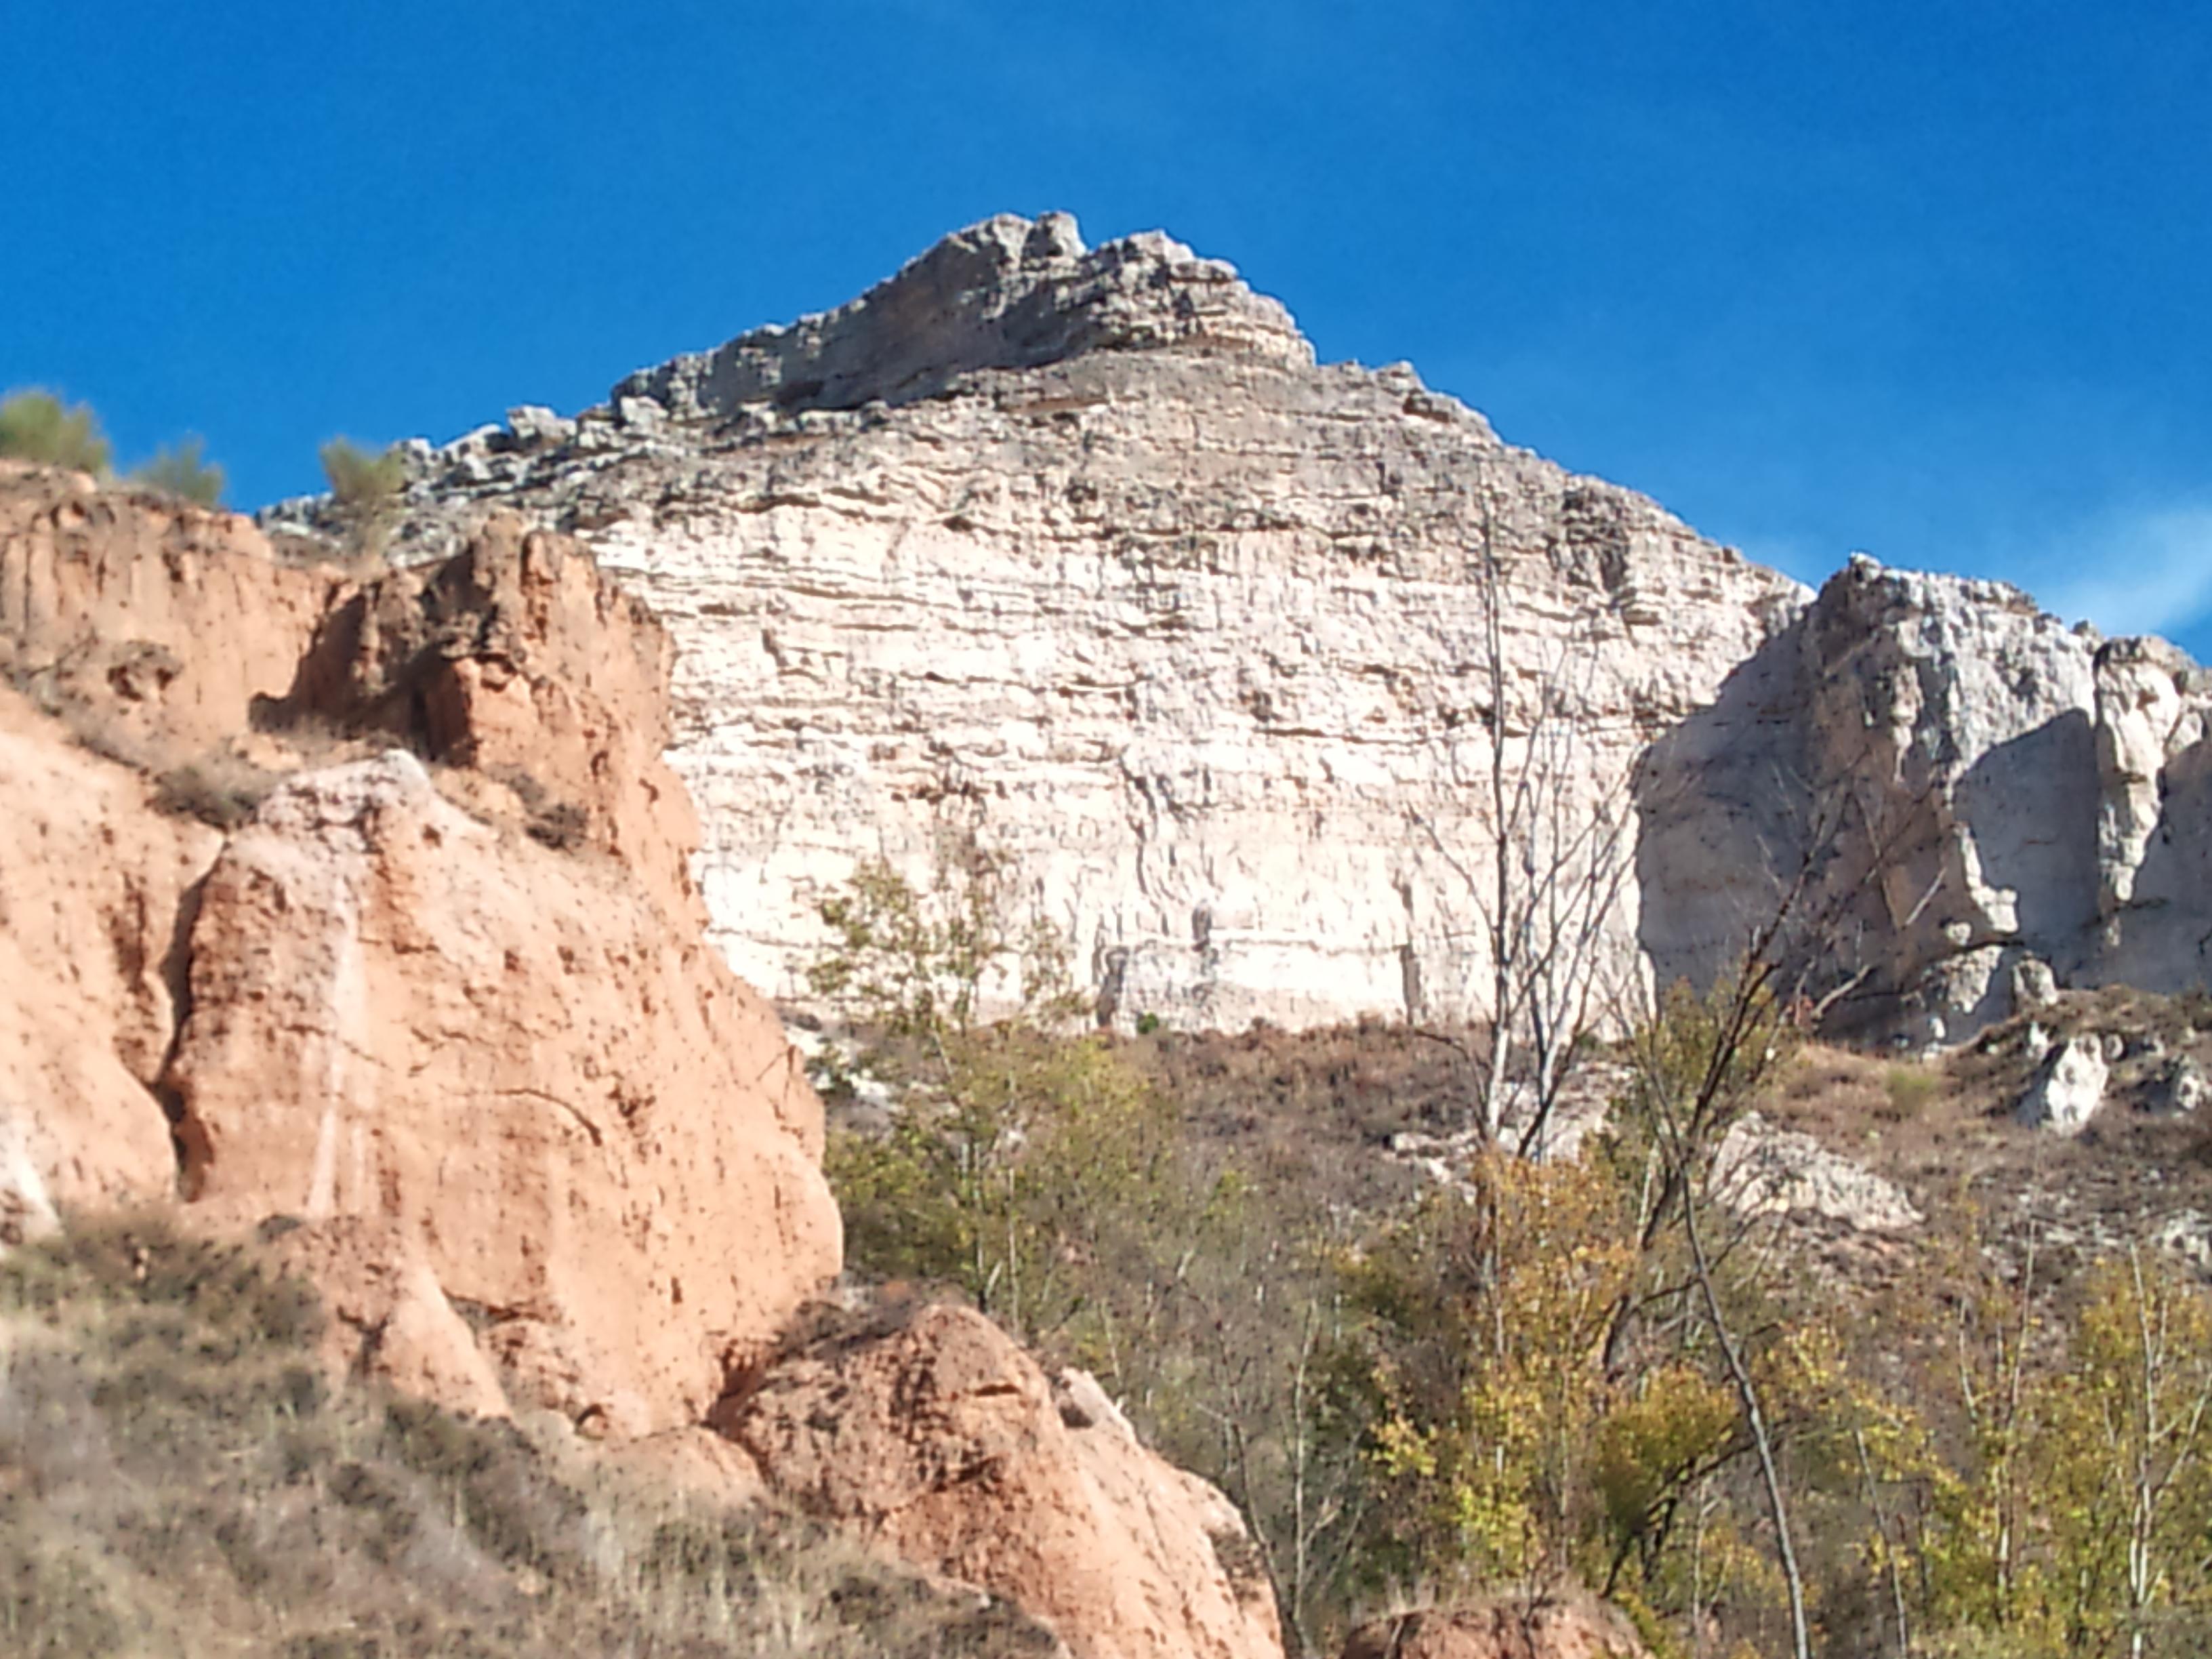 Pico de Bocos de Duero